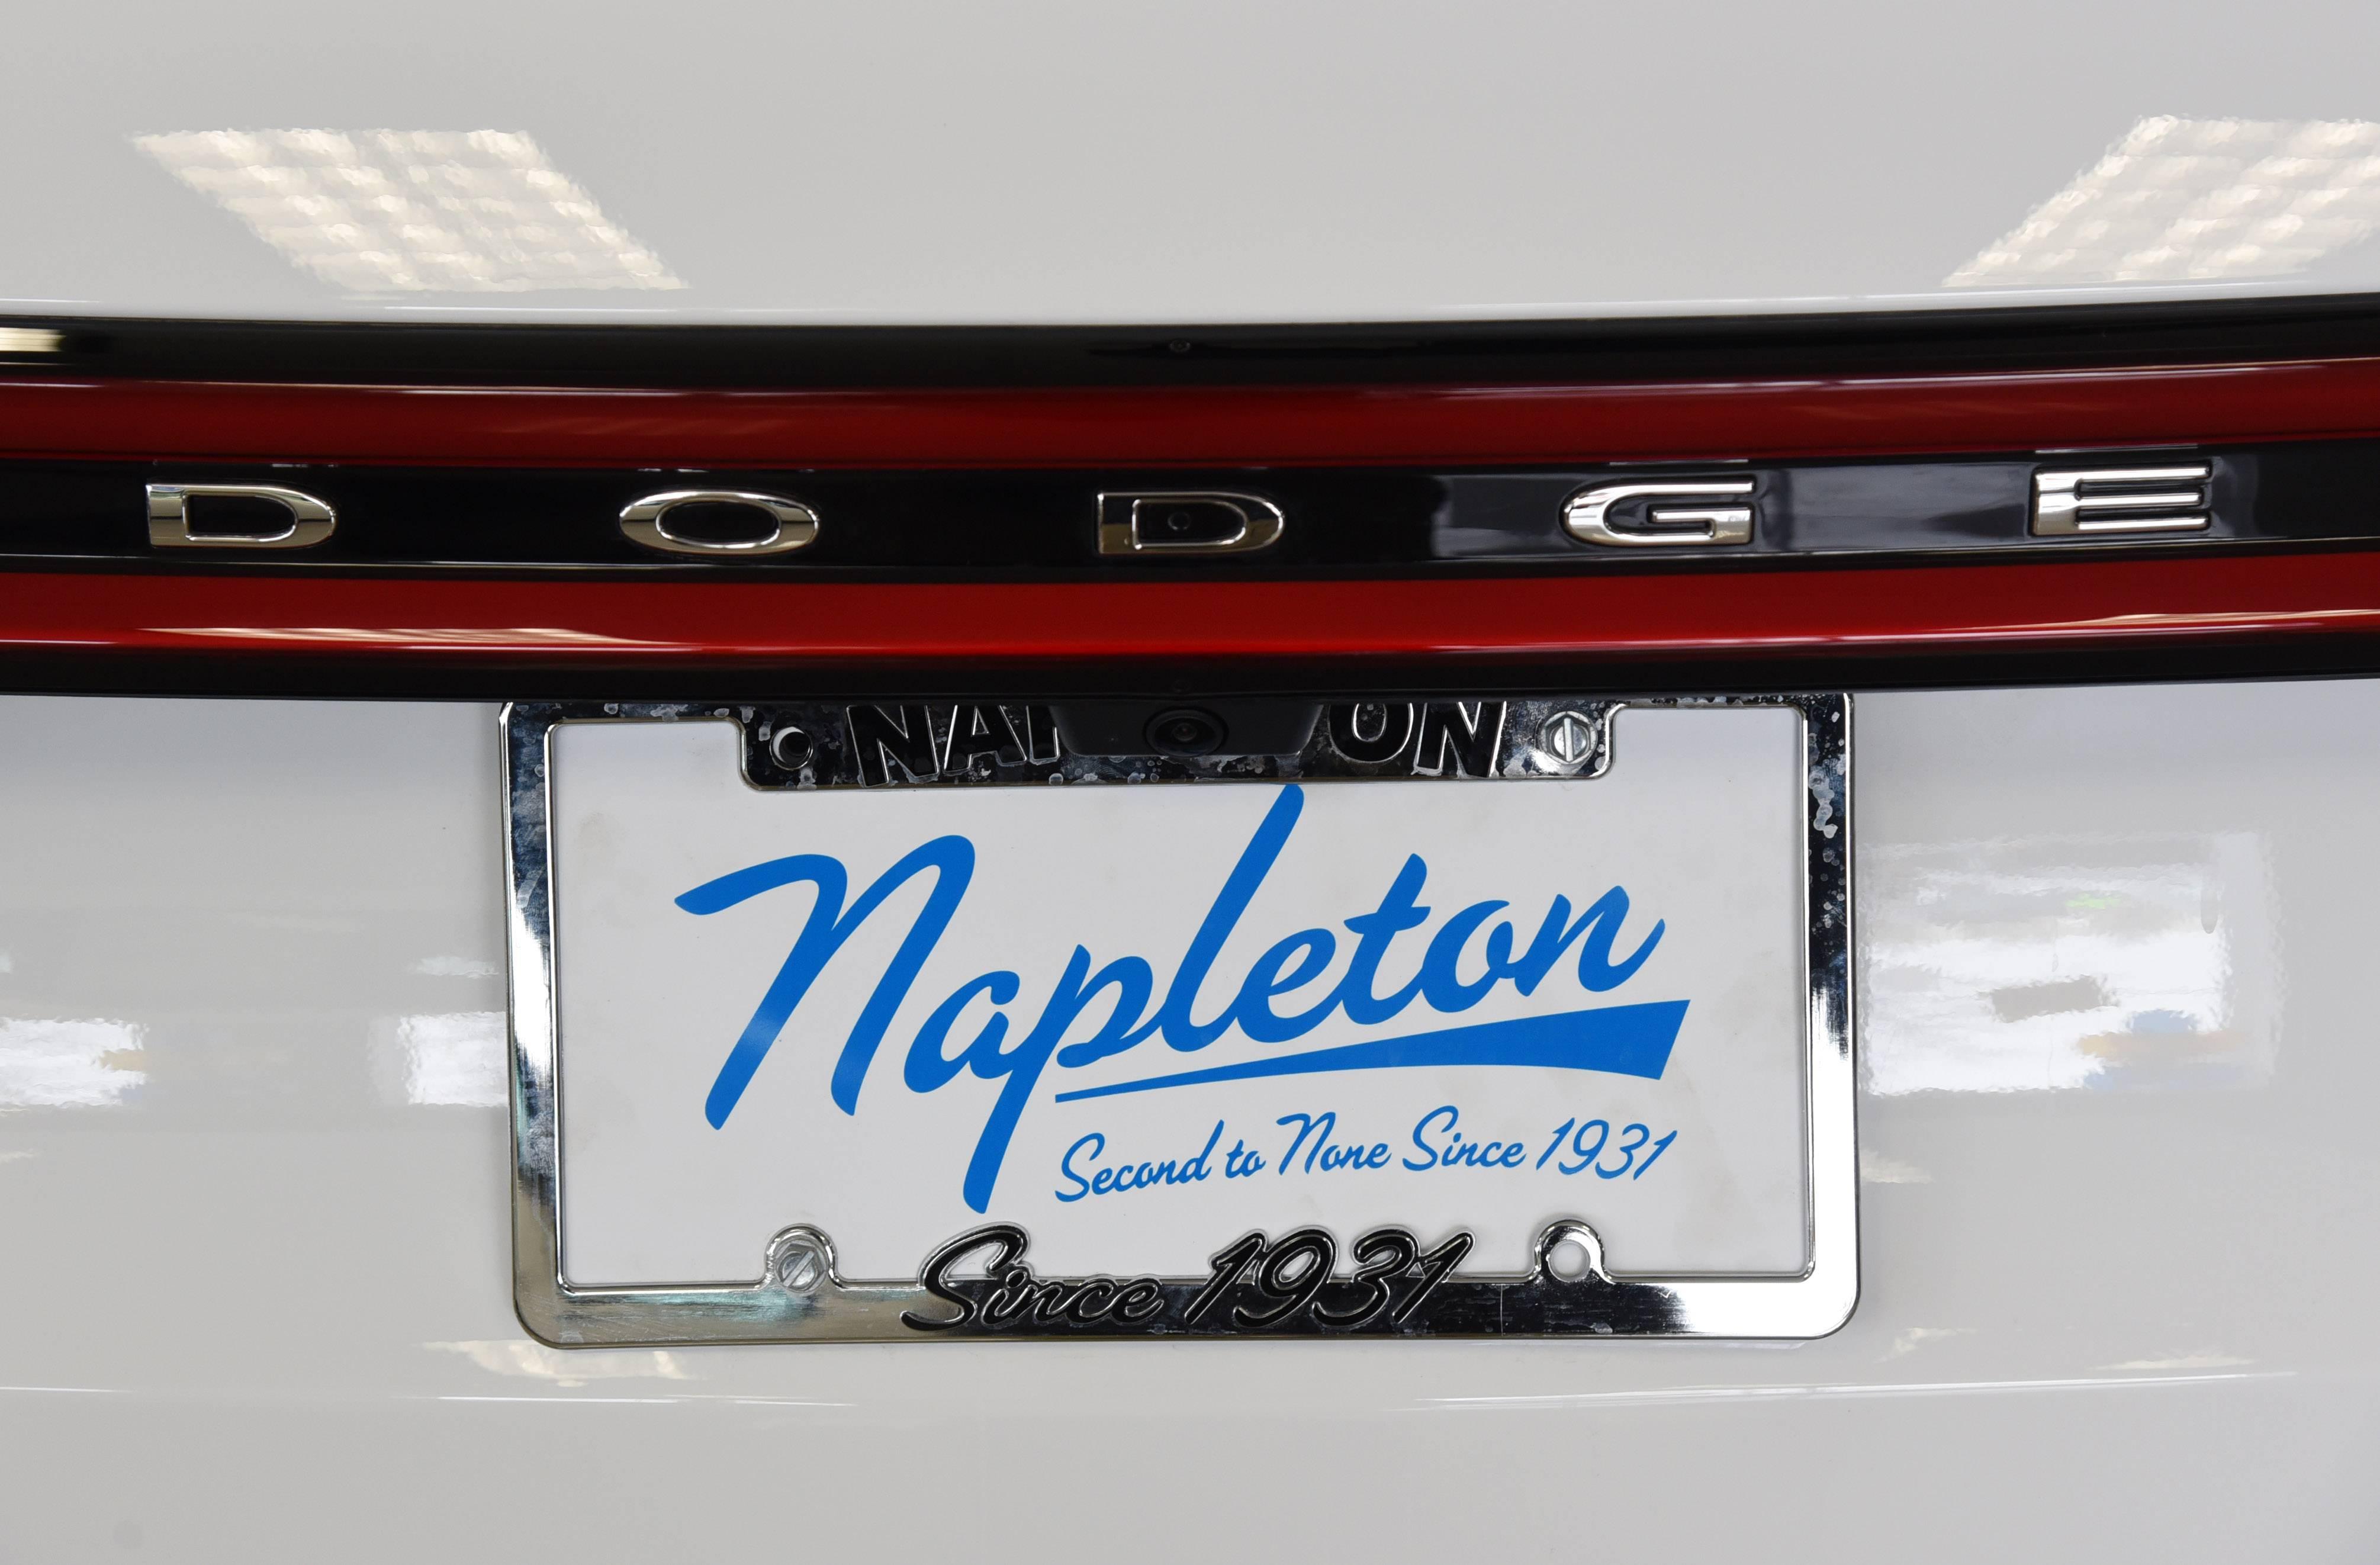 New Napleton Gm Focused On Future